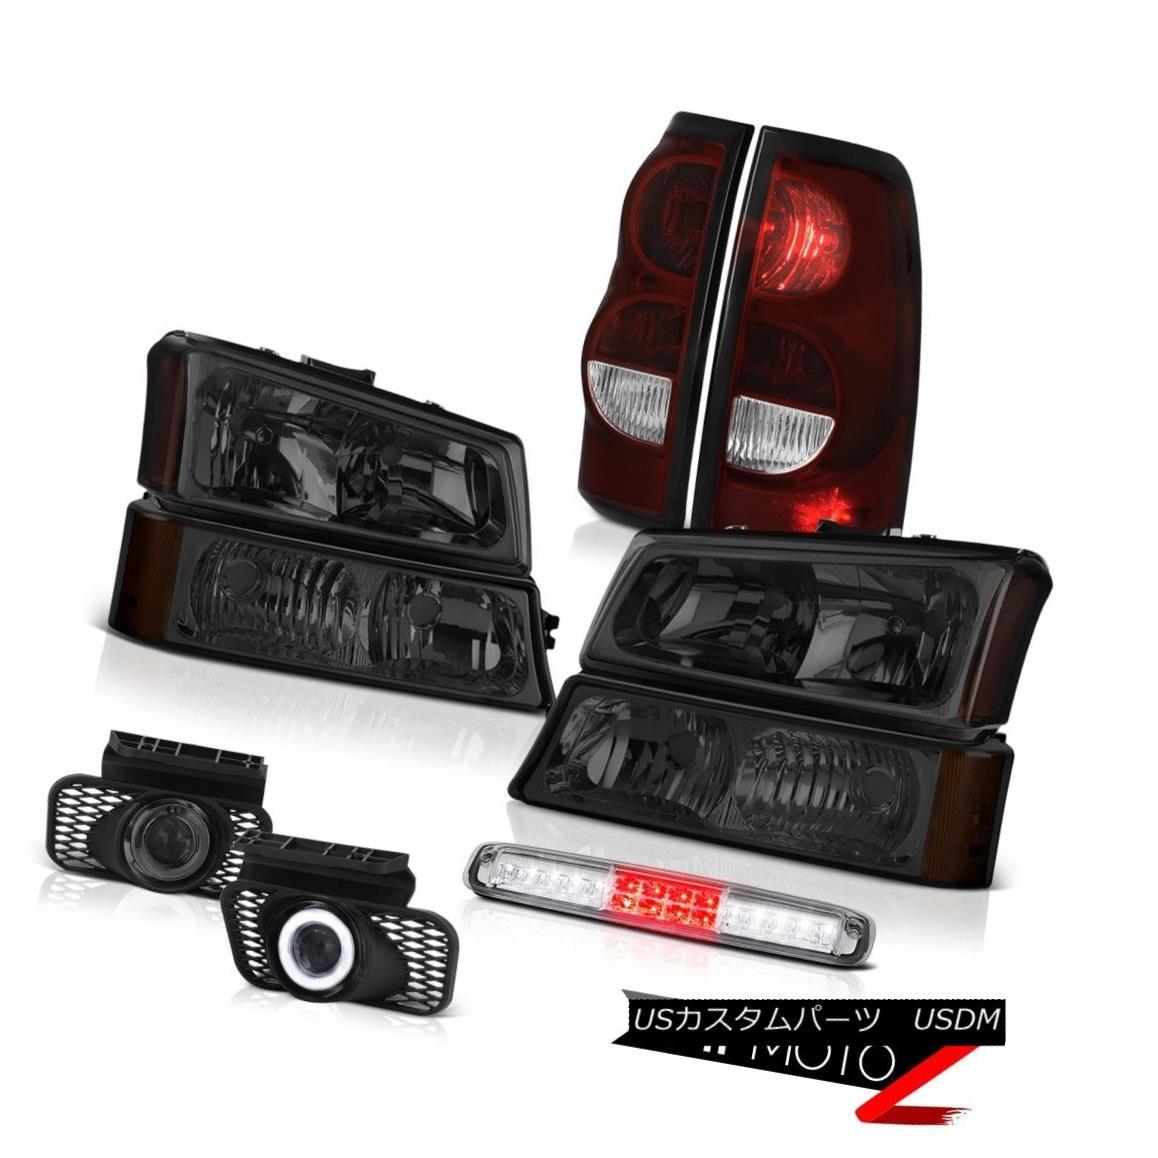 テールライト 2003-2006 Silverado Chrome Roof Cab Light Smokey Fog Lamps Taillights Headlamps 2003-2006シルバラードクロームルーフキャブライトスモーキーフォグランプテールライトヘッドランプ